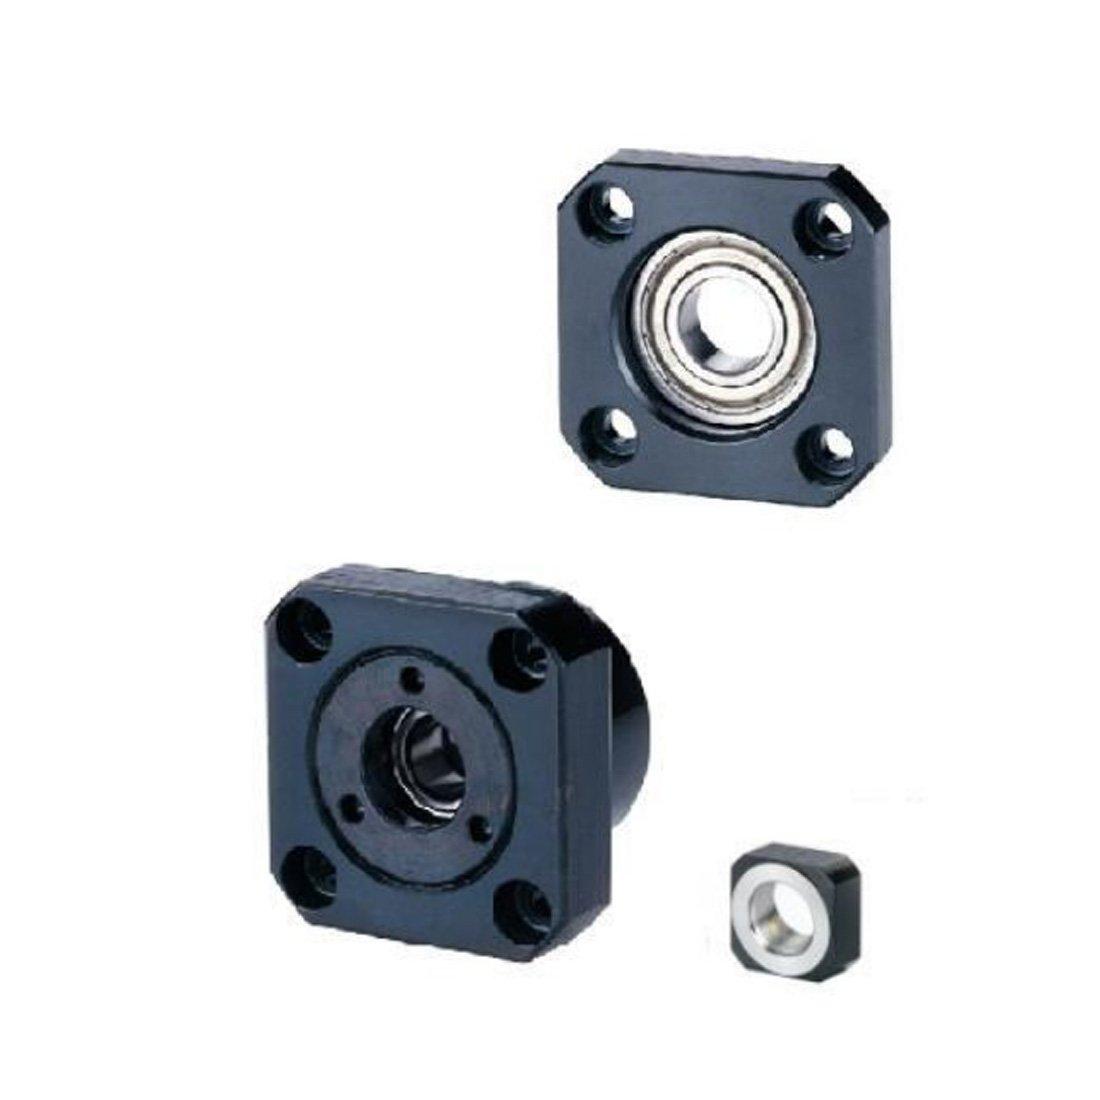 2pcs/lots 1 pcs FK12 Fixed Side +1 pcs FF12 Floated Side for SFU1605 SFU1604 Ballscrew CNC parts ball screw fk/ff12 end support